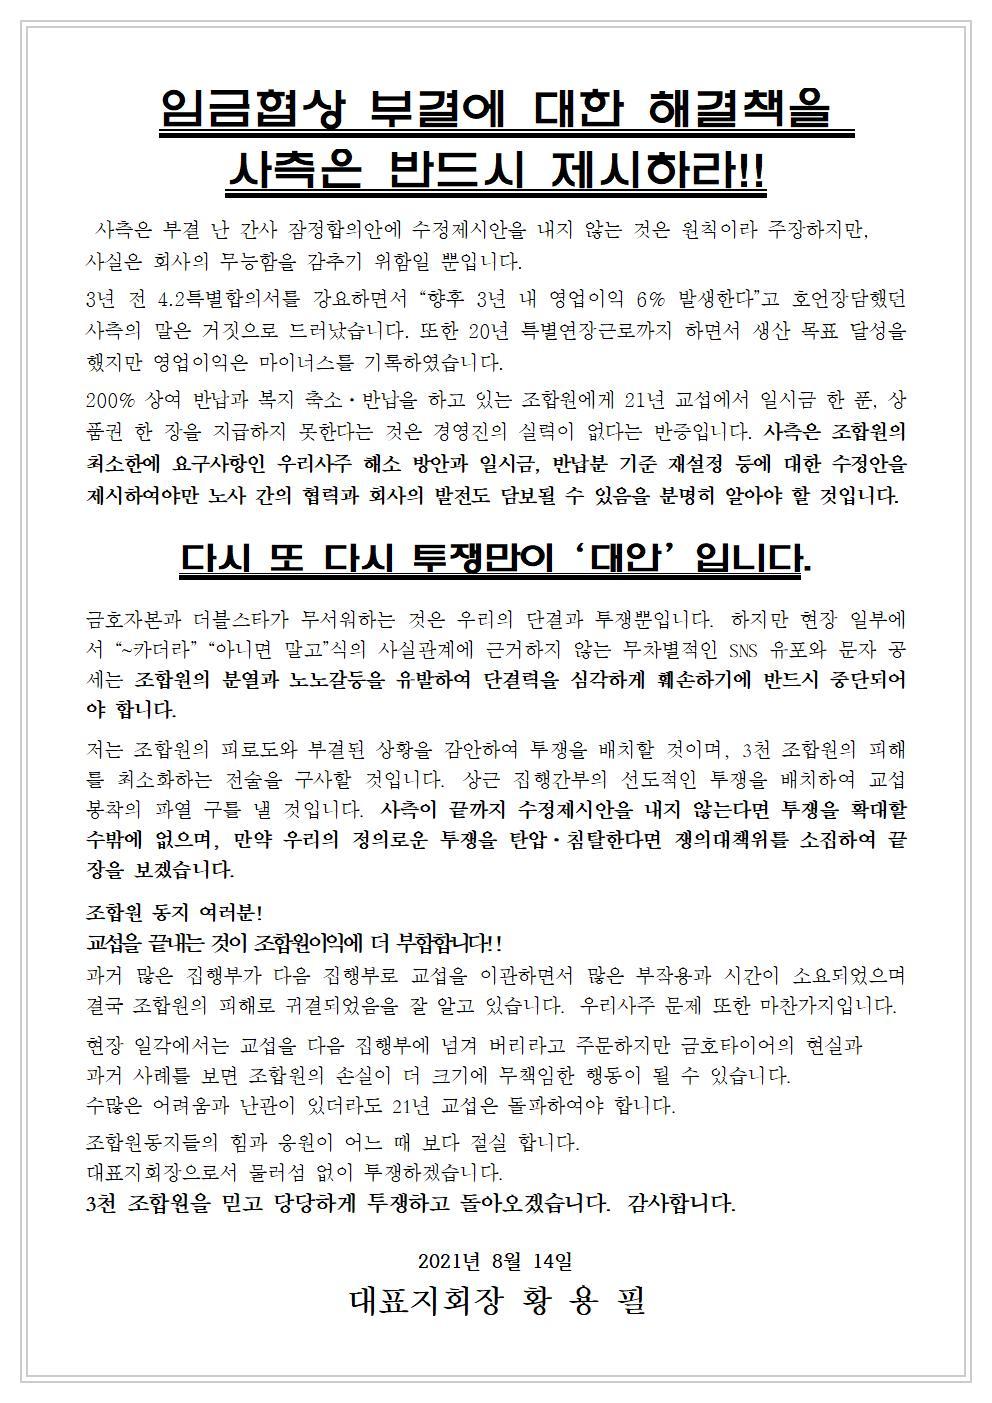 21년 임금협상 상경투쟁 담화문002.jpg